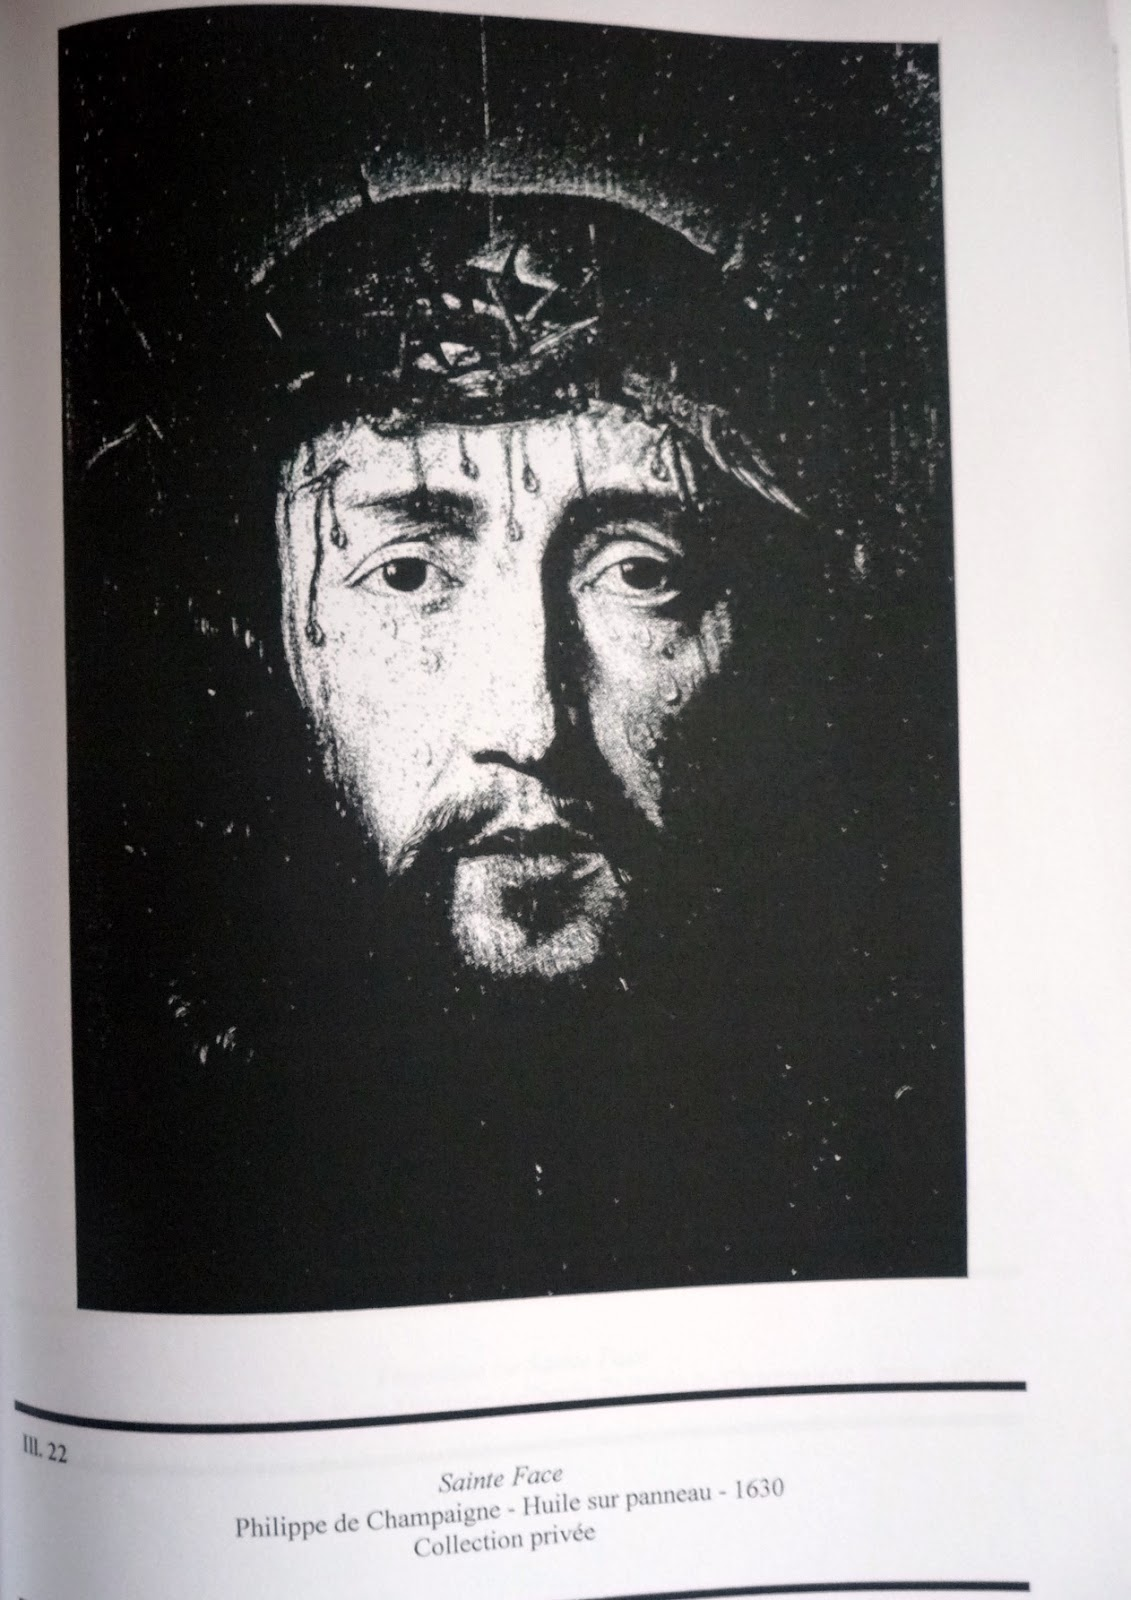 La Face du Christ de Philippe de Champaigne est totalement représentée de  face et il n y a pas de linge intermédiaire entre la Face et le fond noir. e124b66d652